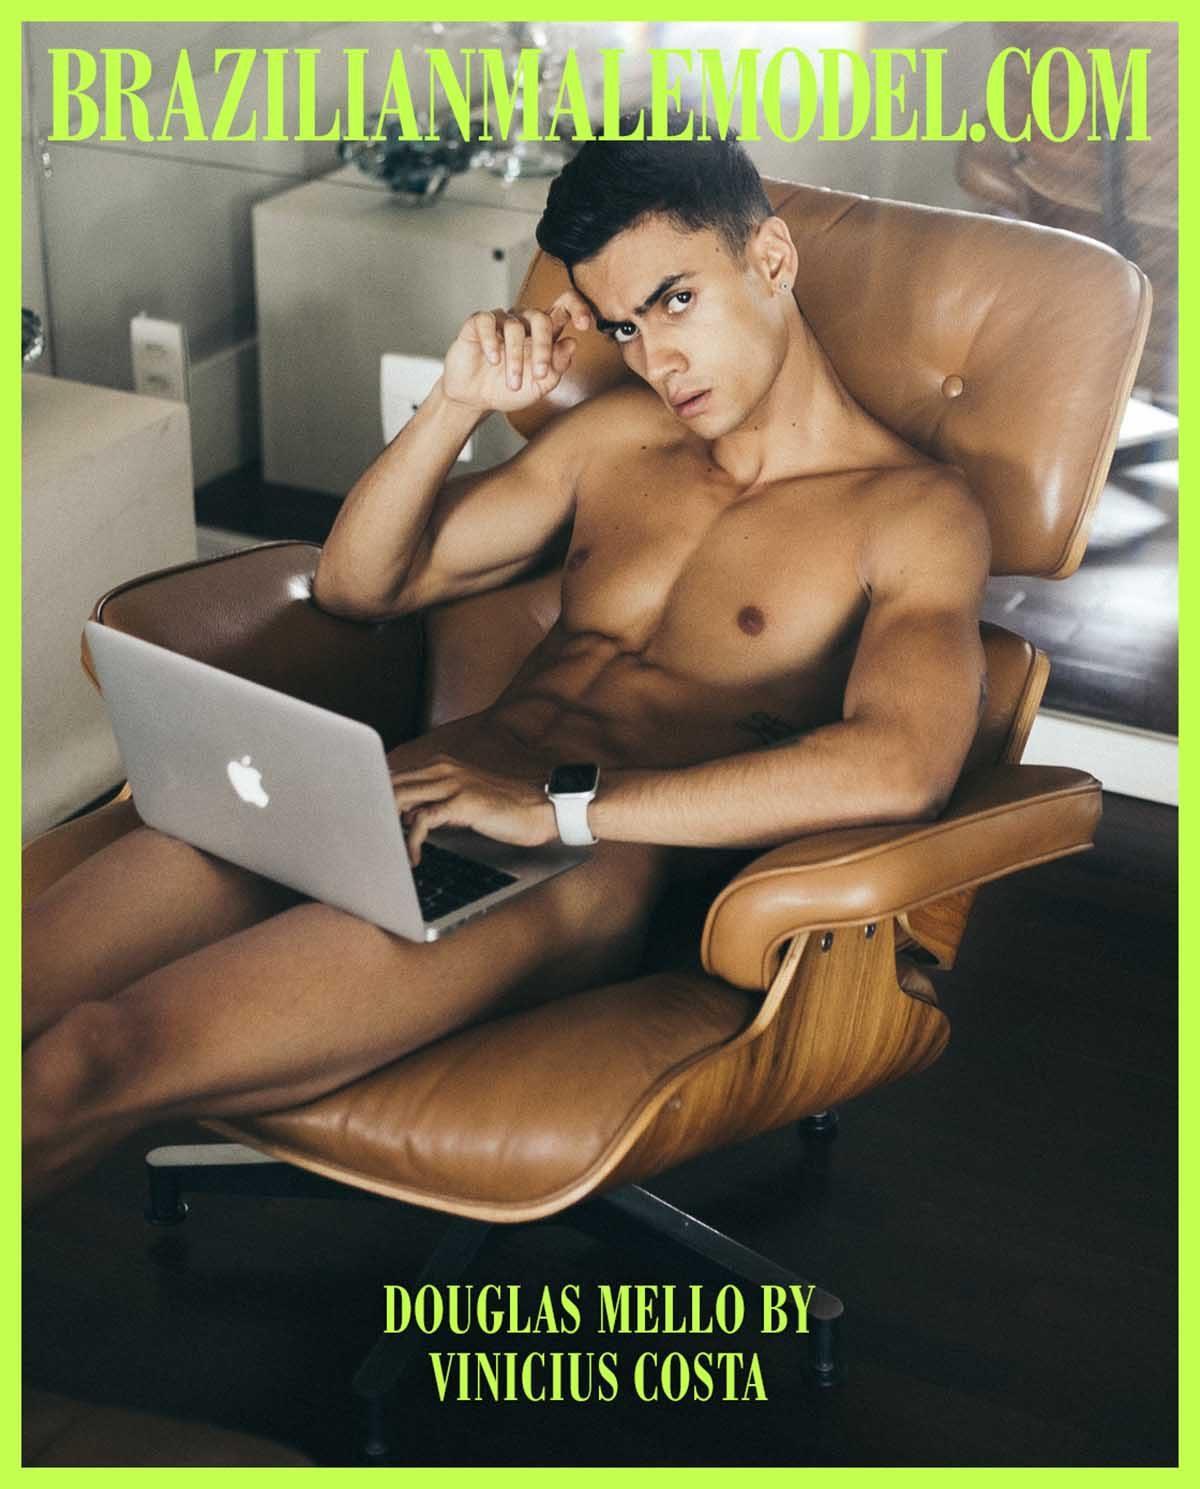 Douglas Mello by Vinicius Costa